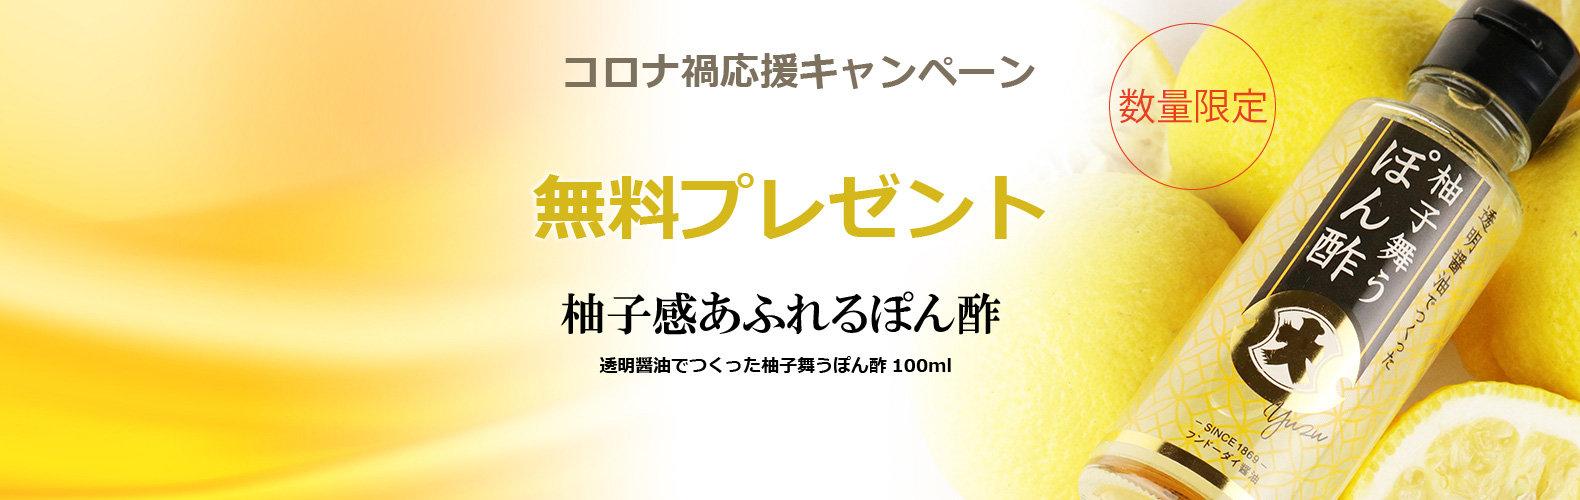 柚子舞うCP1580×500イメージ修正.jpg